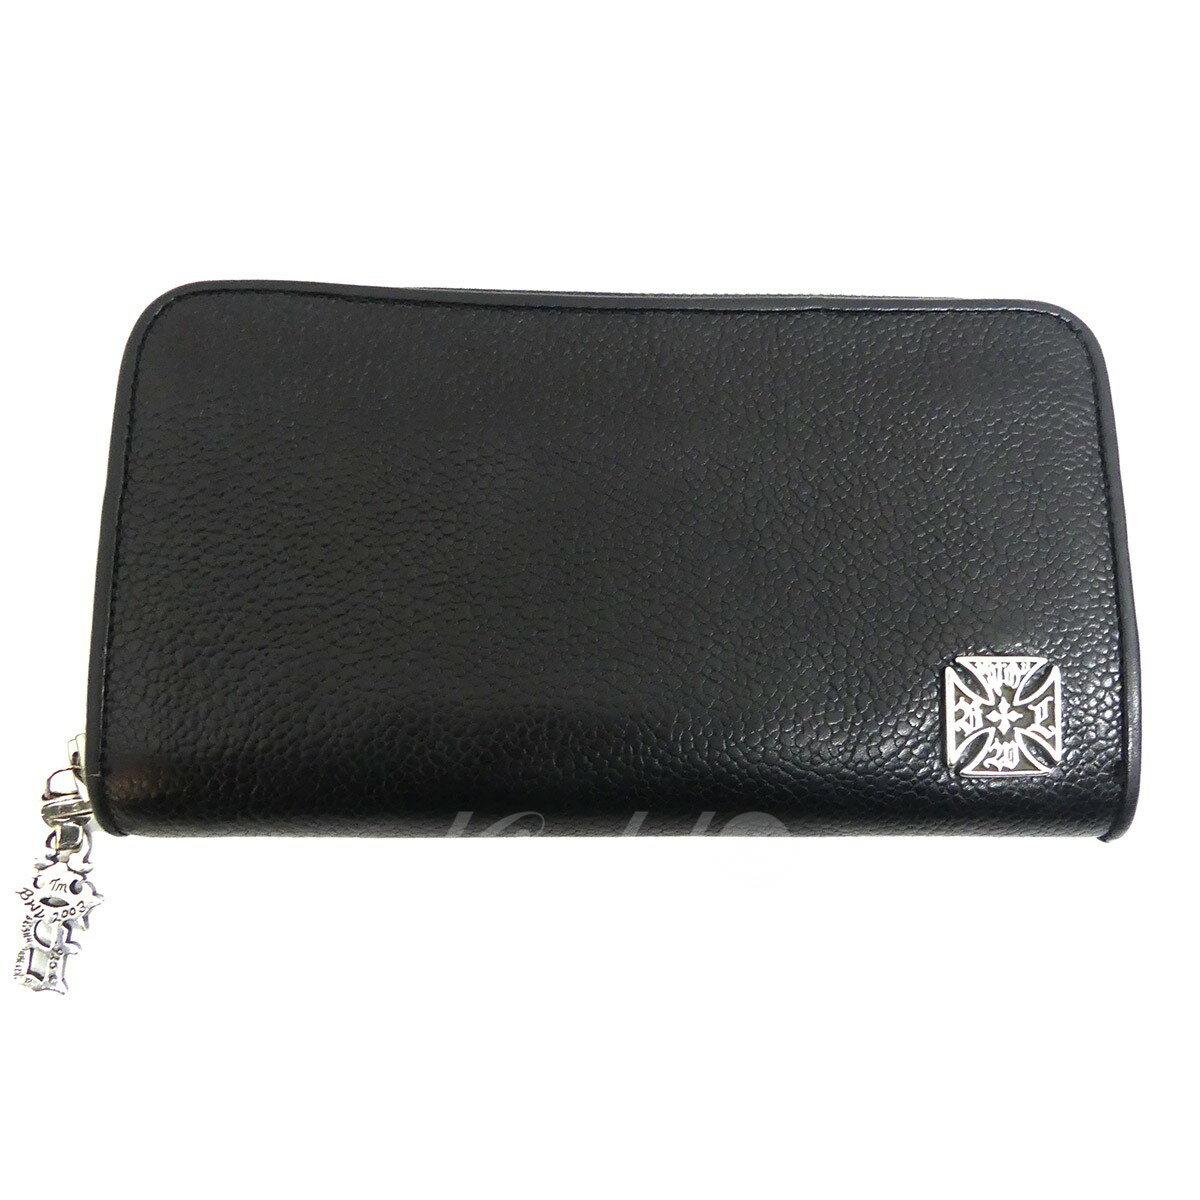 【中古】Bill Wall Leather ロングジップレザーウォレット W945 ブラック 【送料無料】 【260918】(ビルウォールレザー)